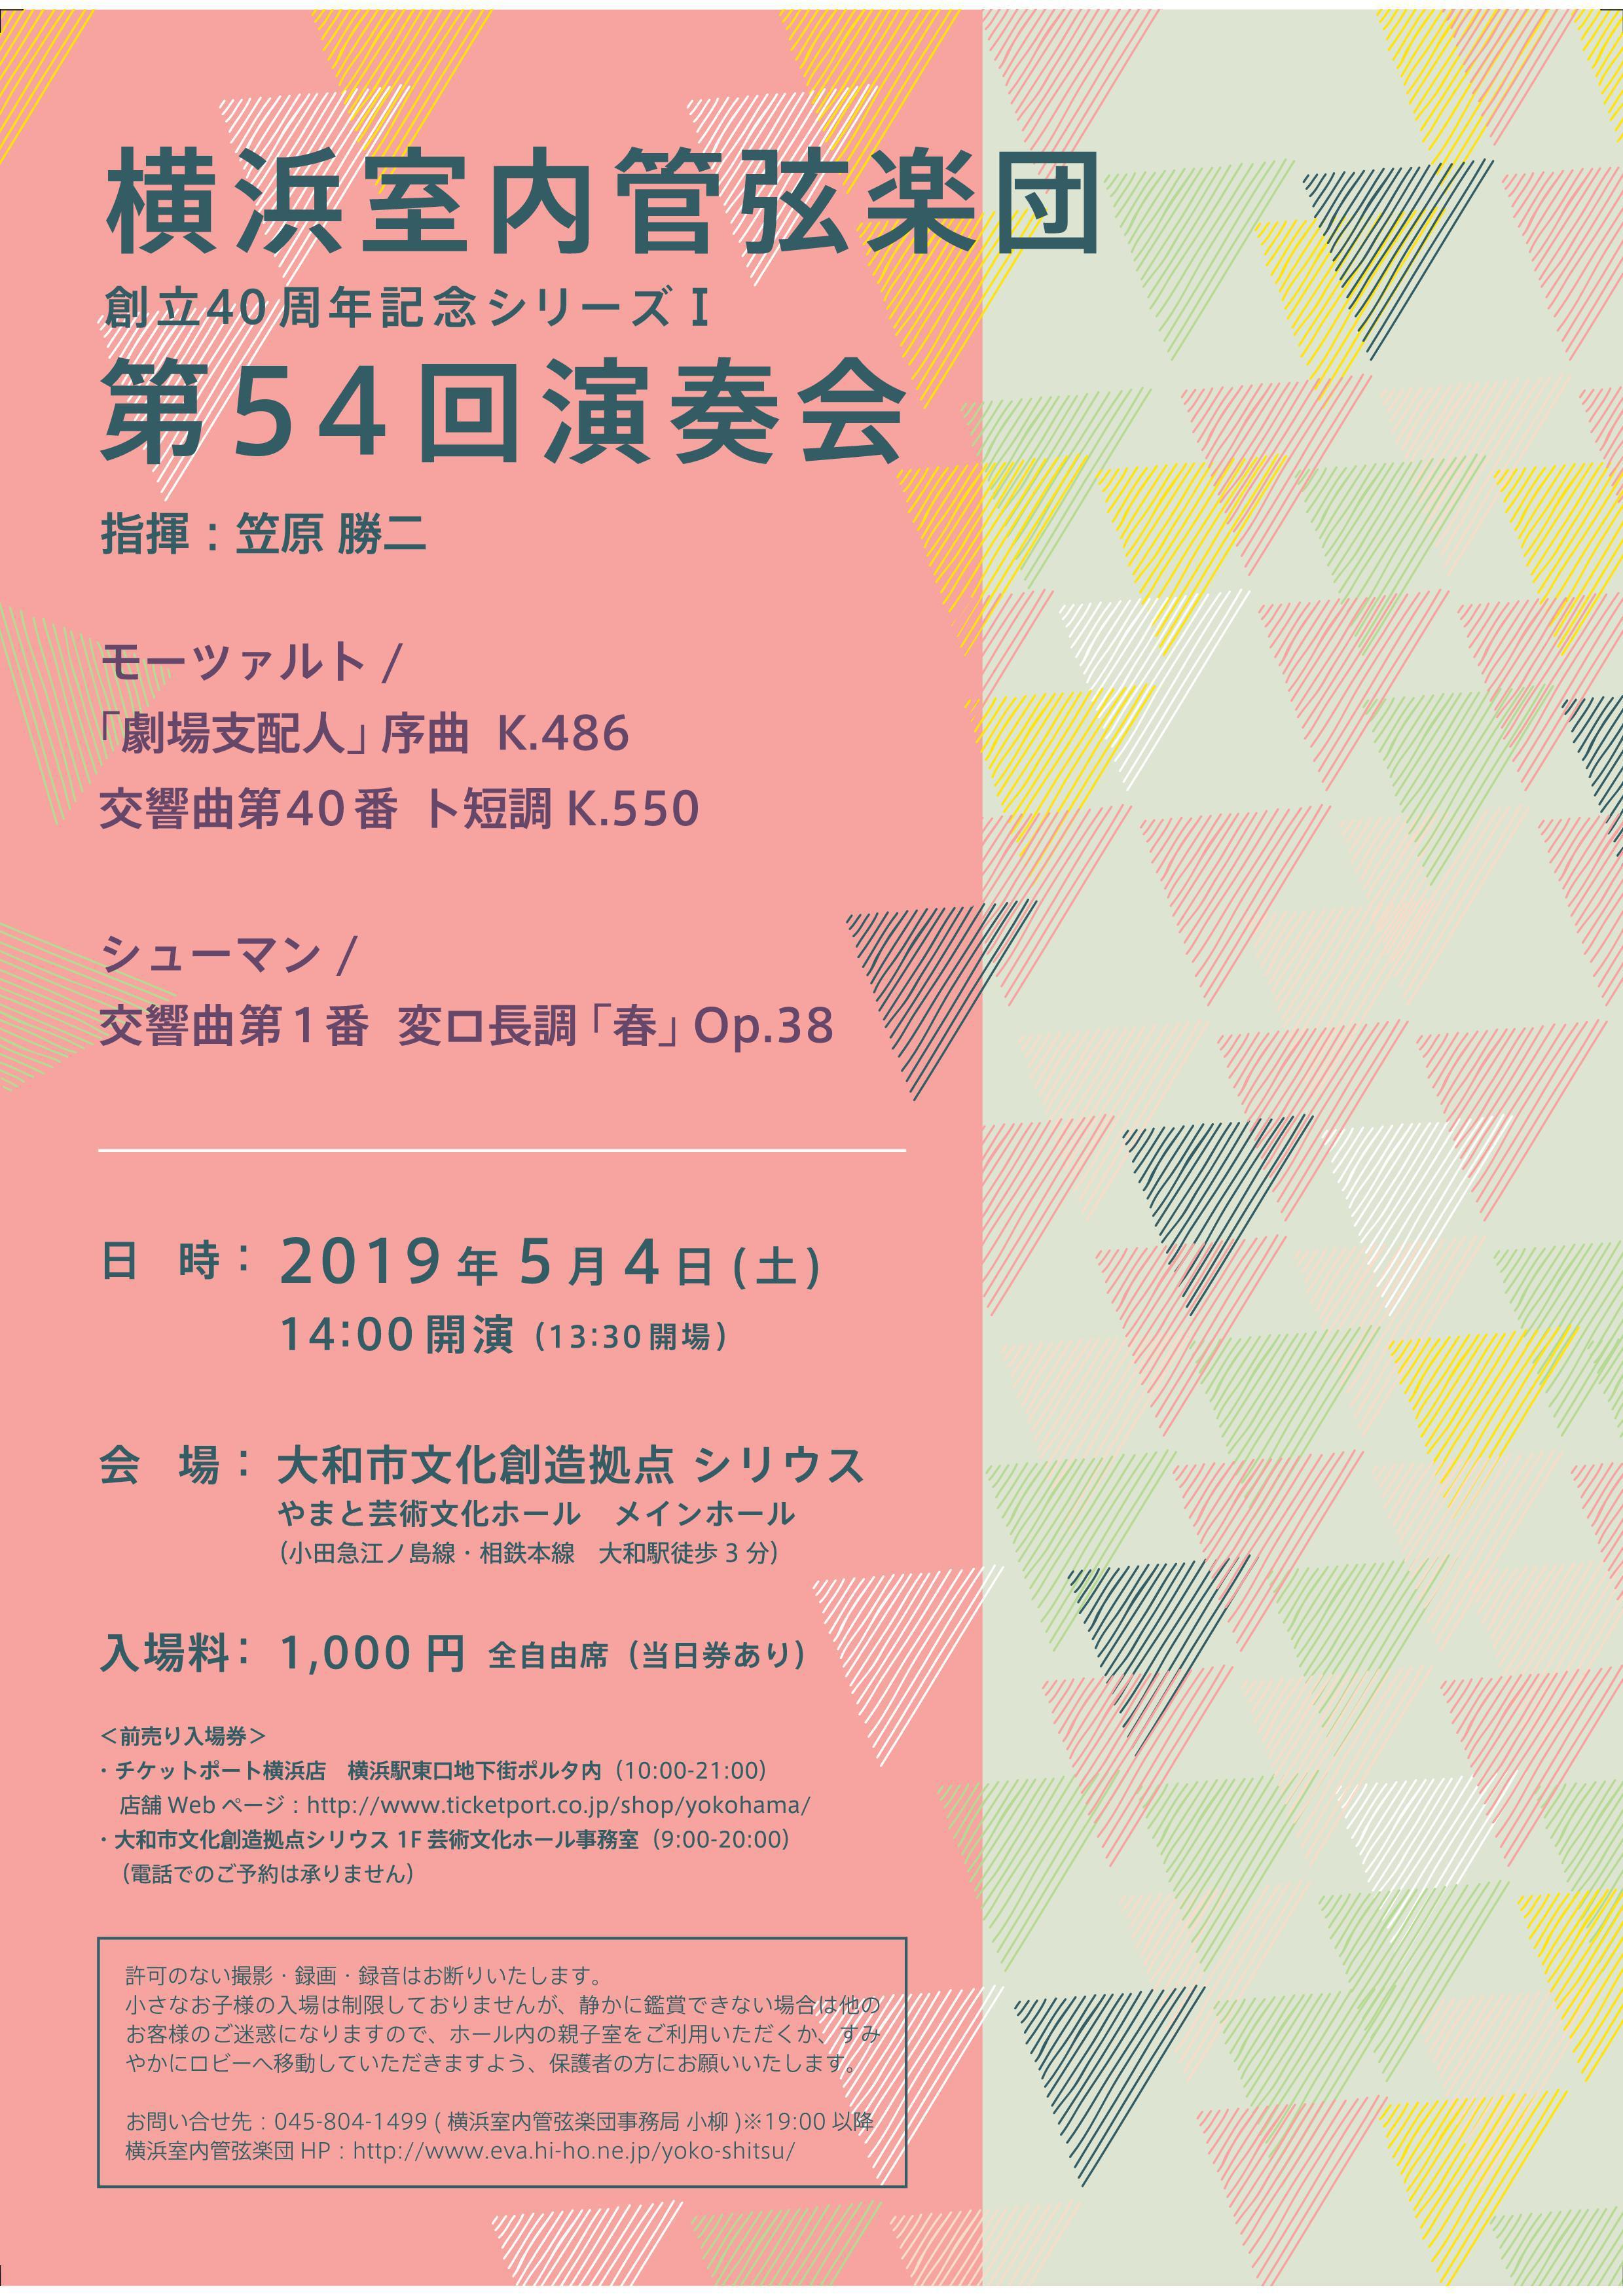 横浜室内管弦楽団創立40周年記念シリーズⅠ 第54回演奏会